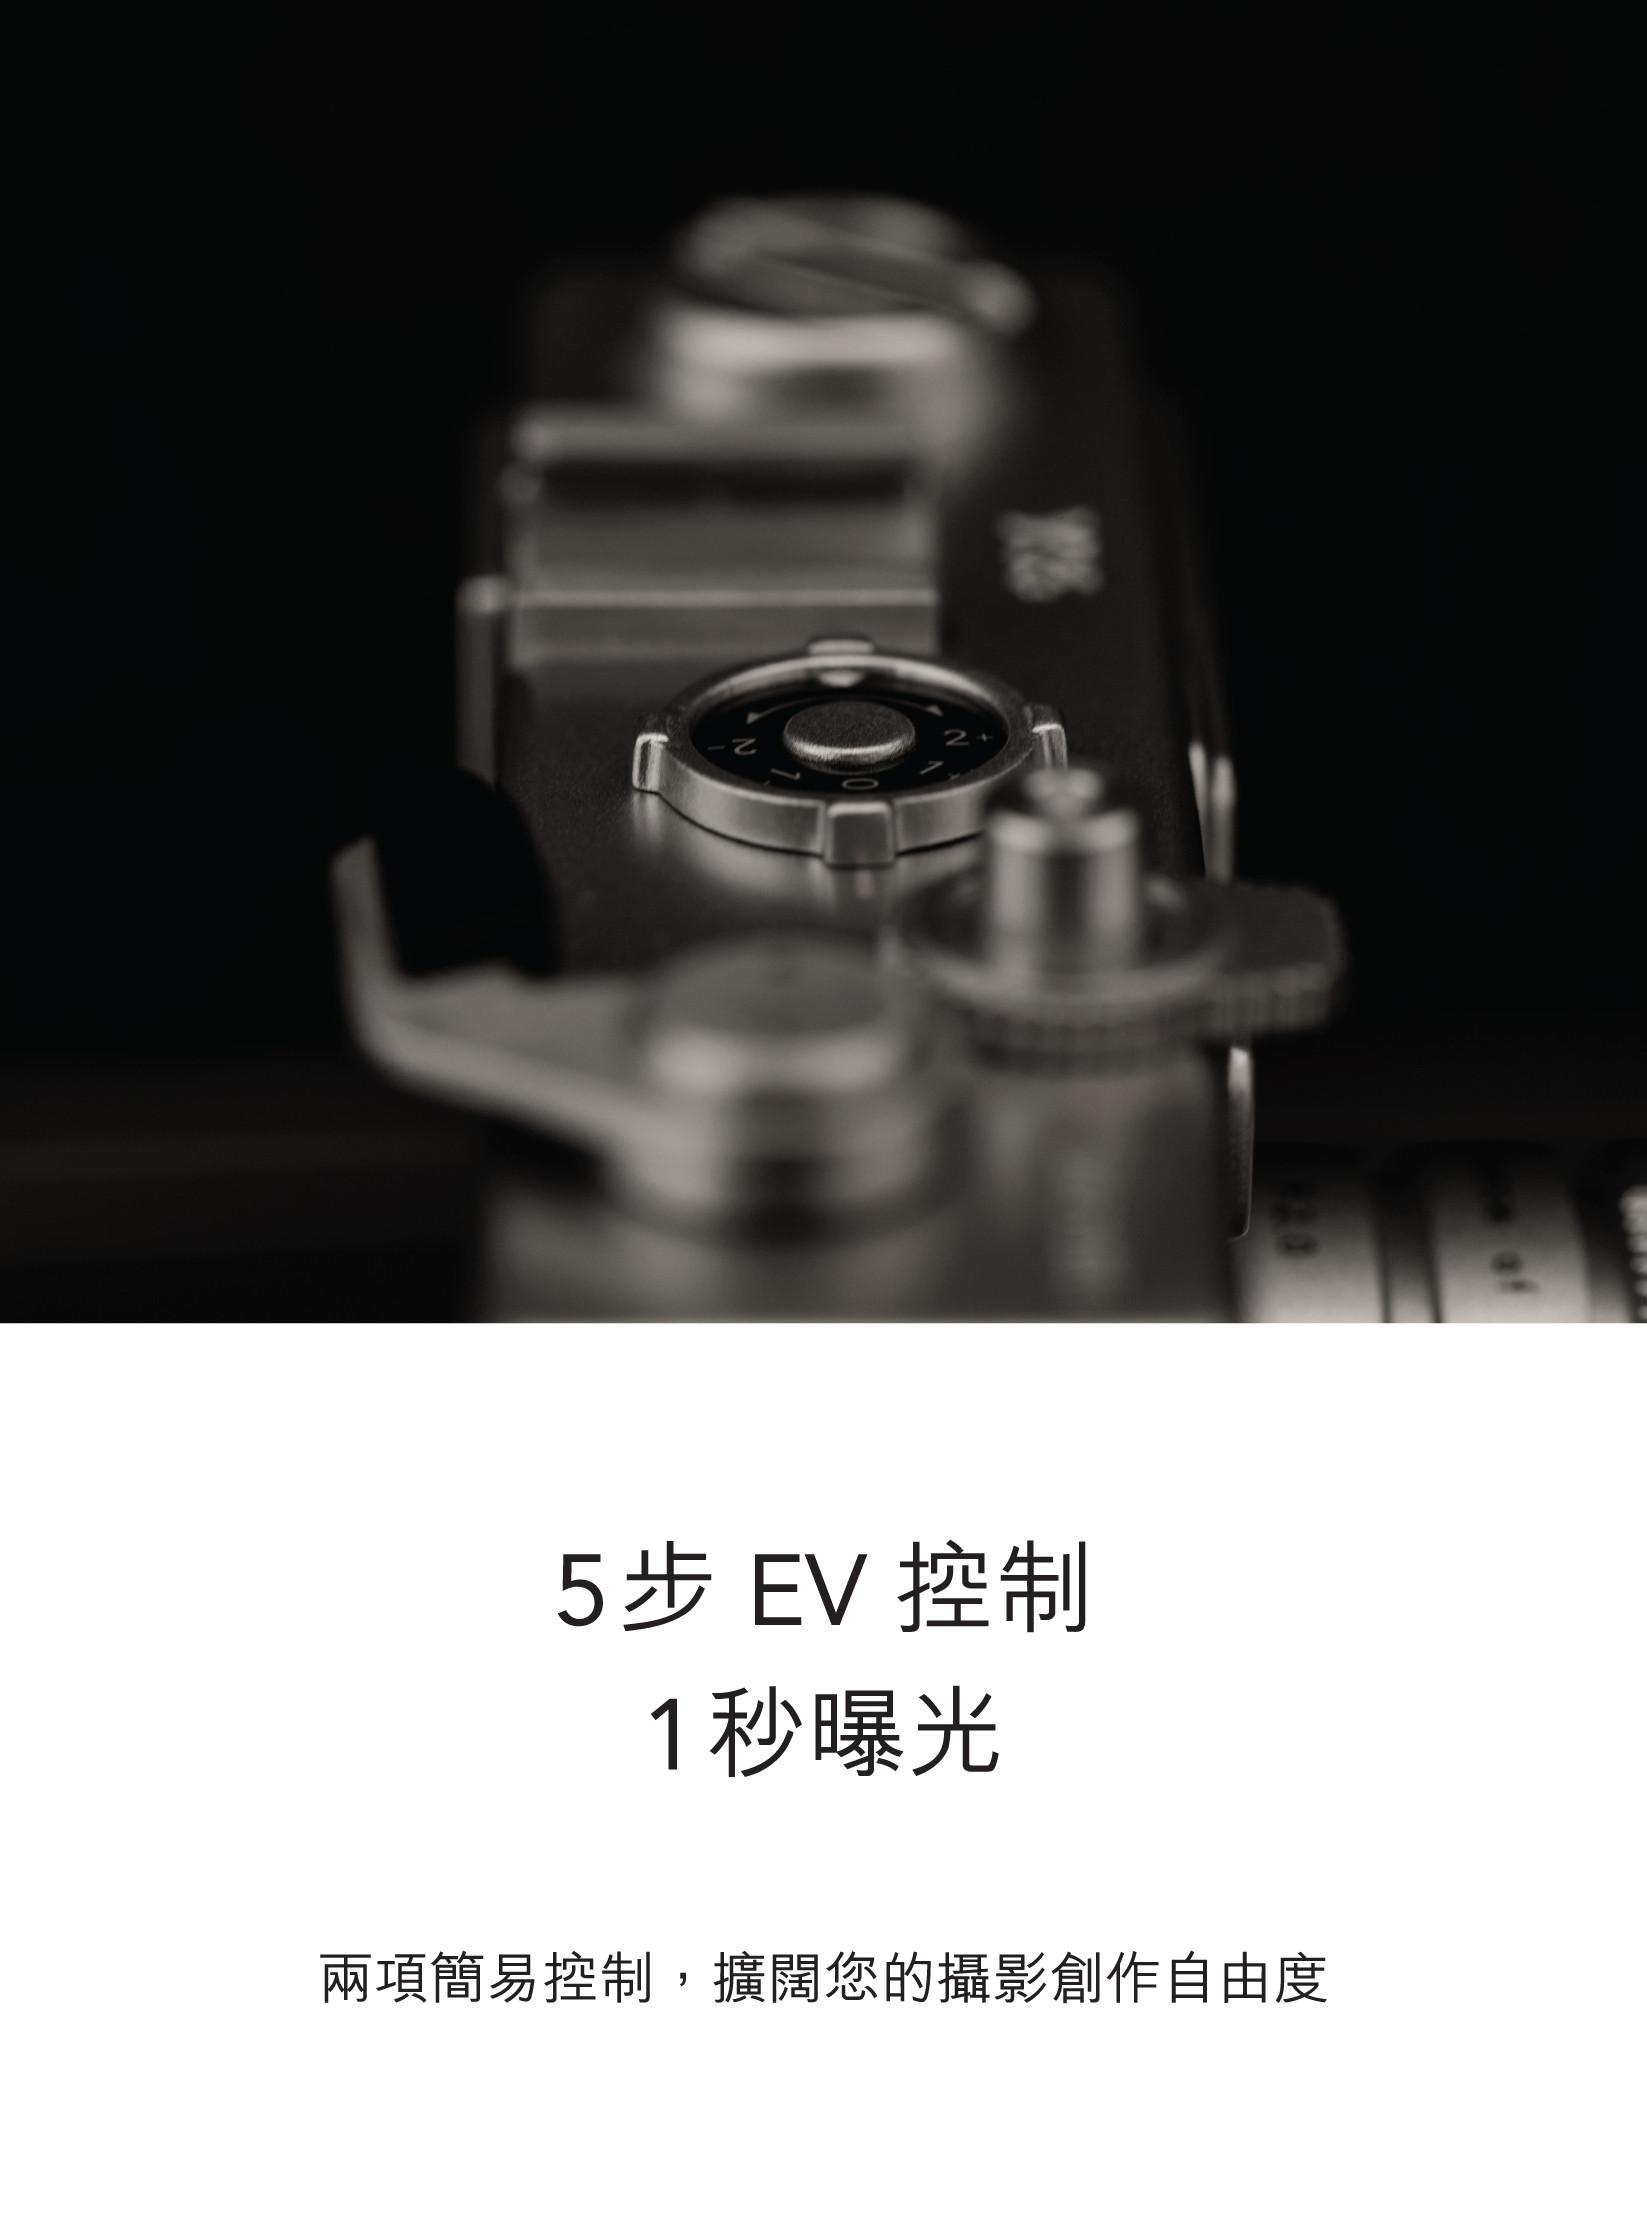 Y35 HK_part 1-12.jpg